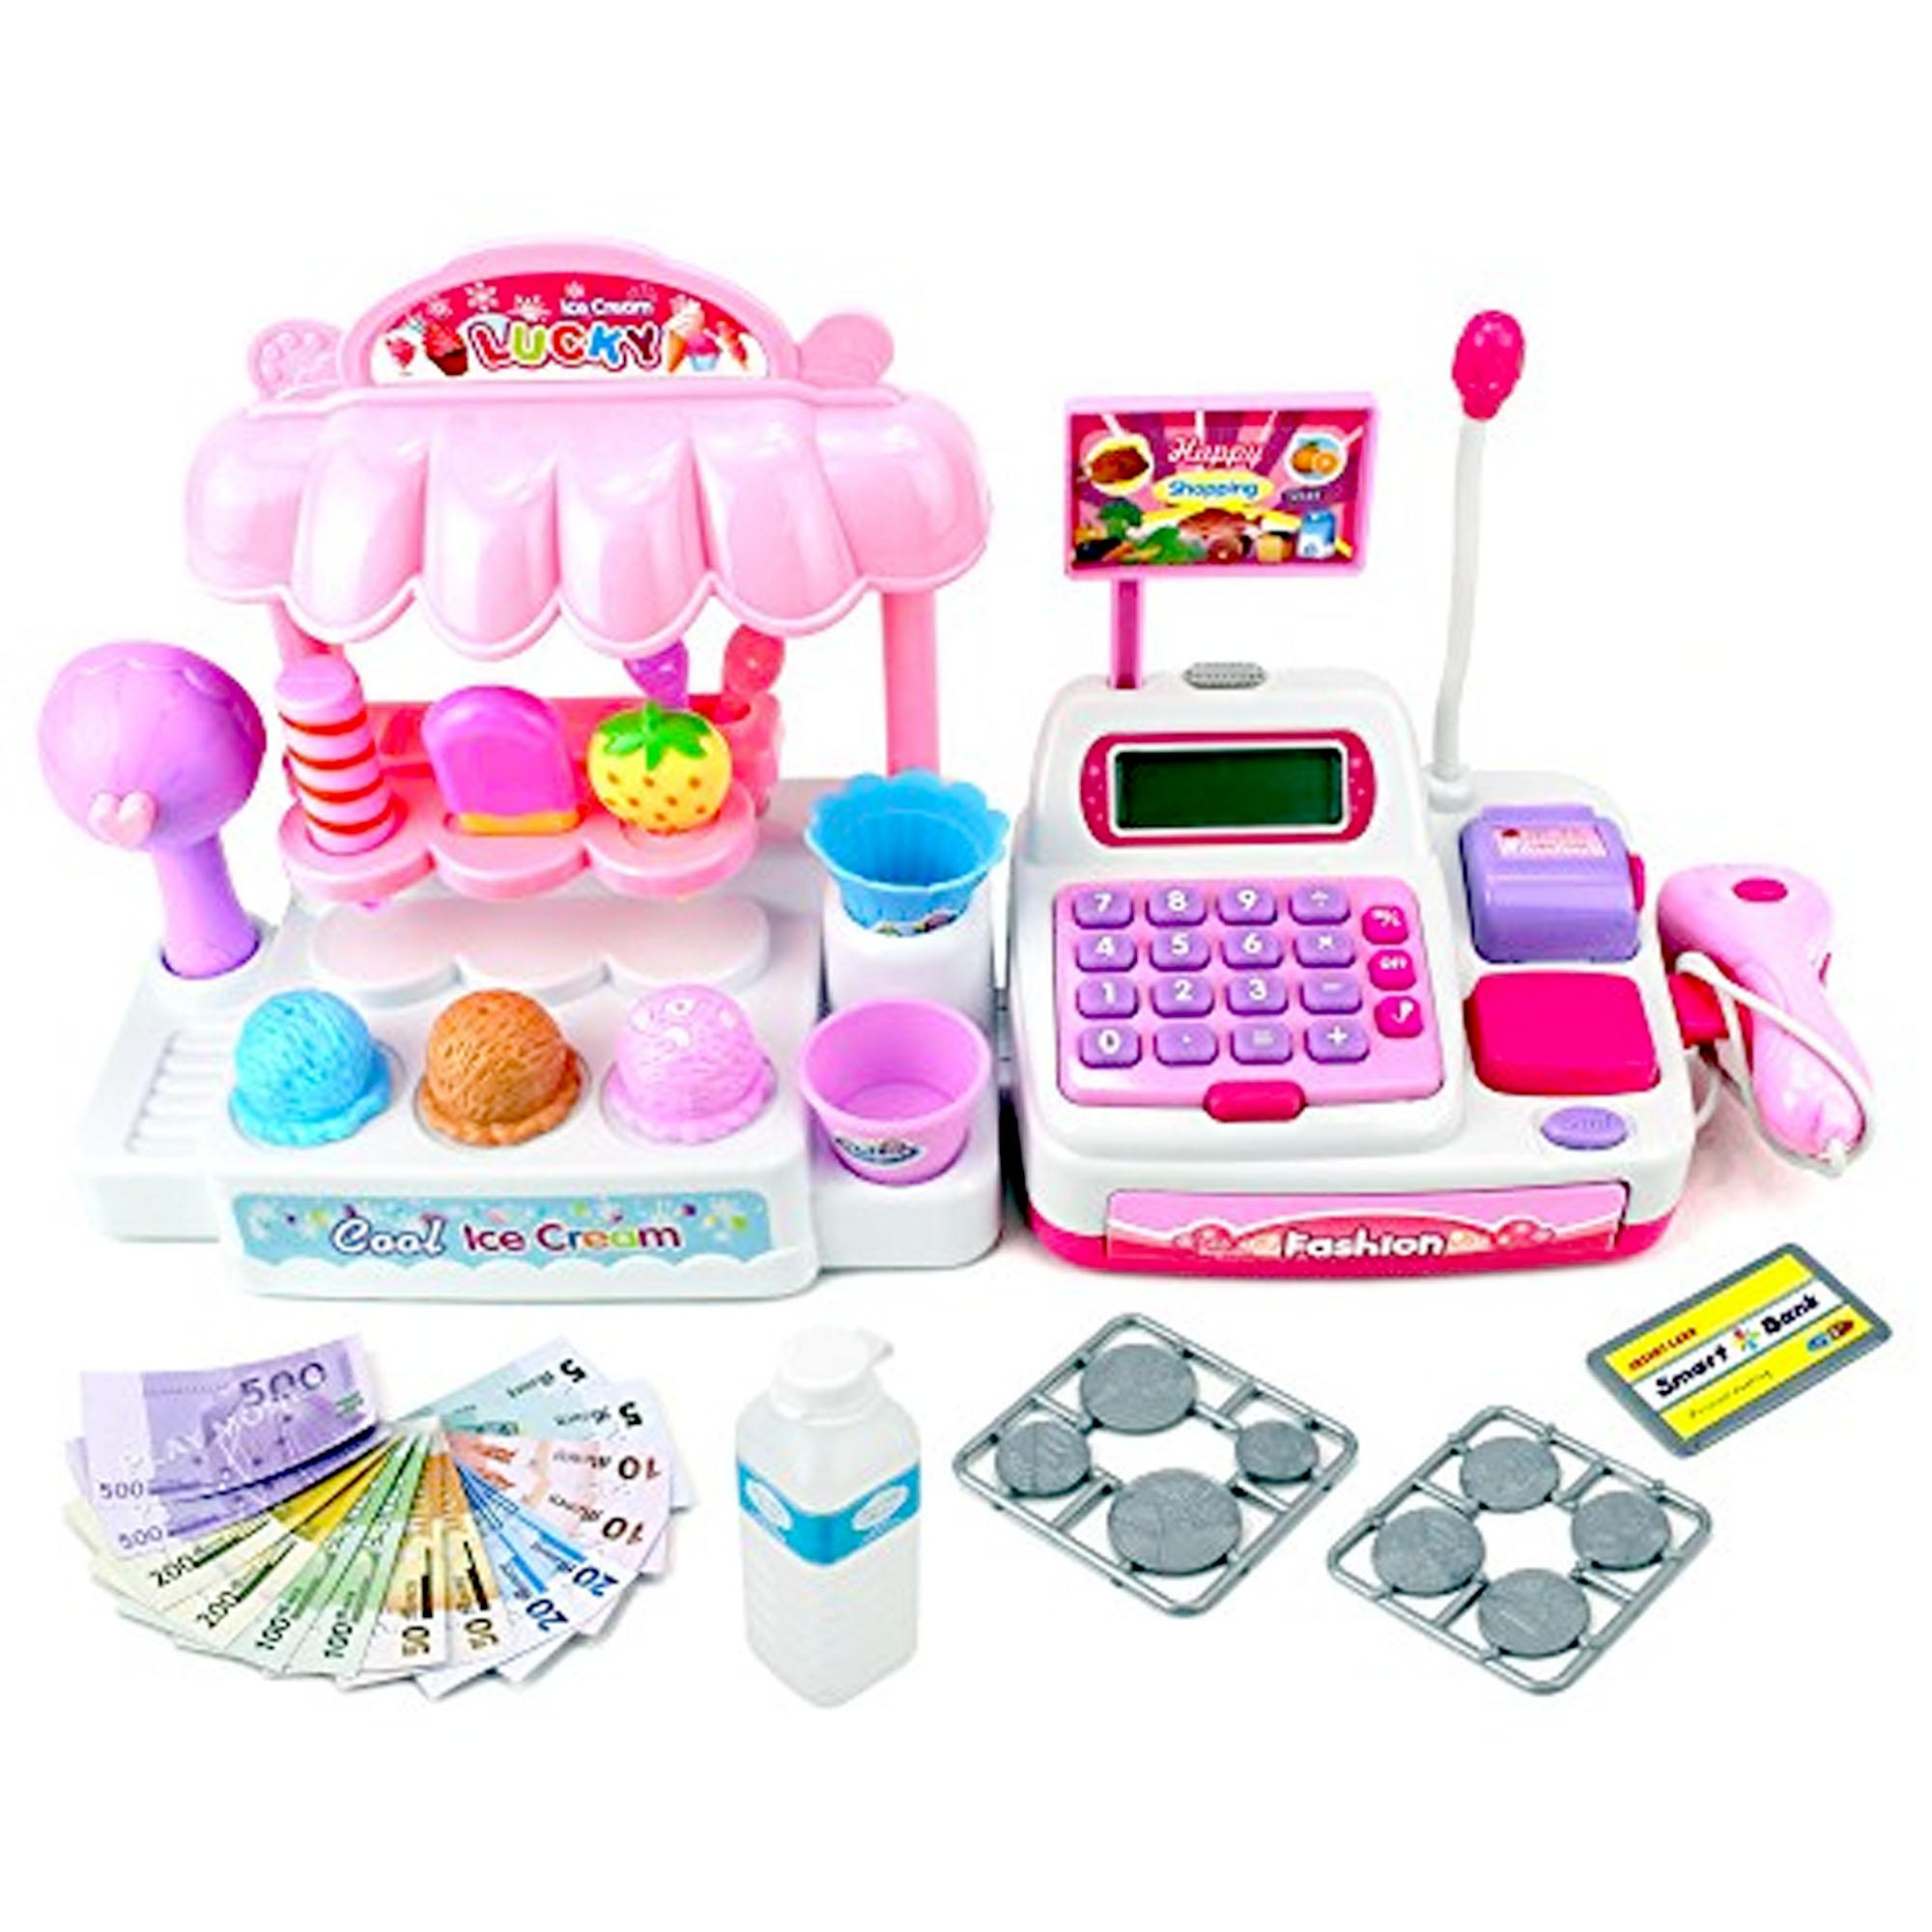 Fio Online - Mainan Anak Perempuan - 5929 - Ice Cream Store Cash Register